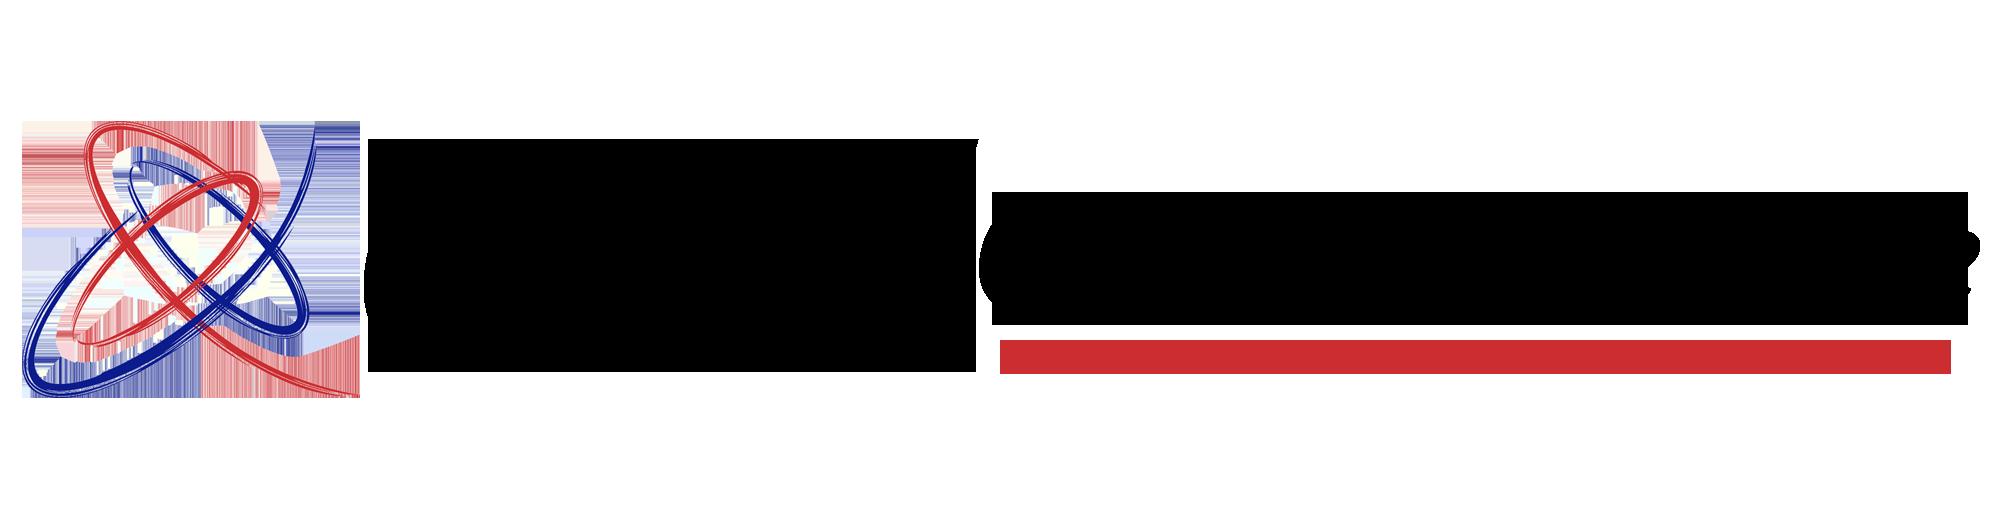 Cisalcom